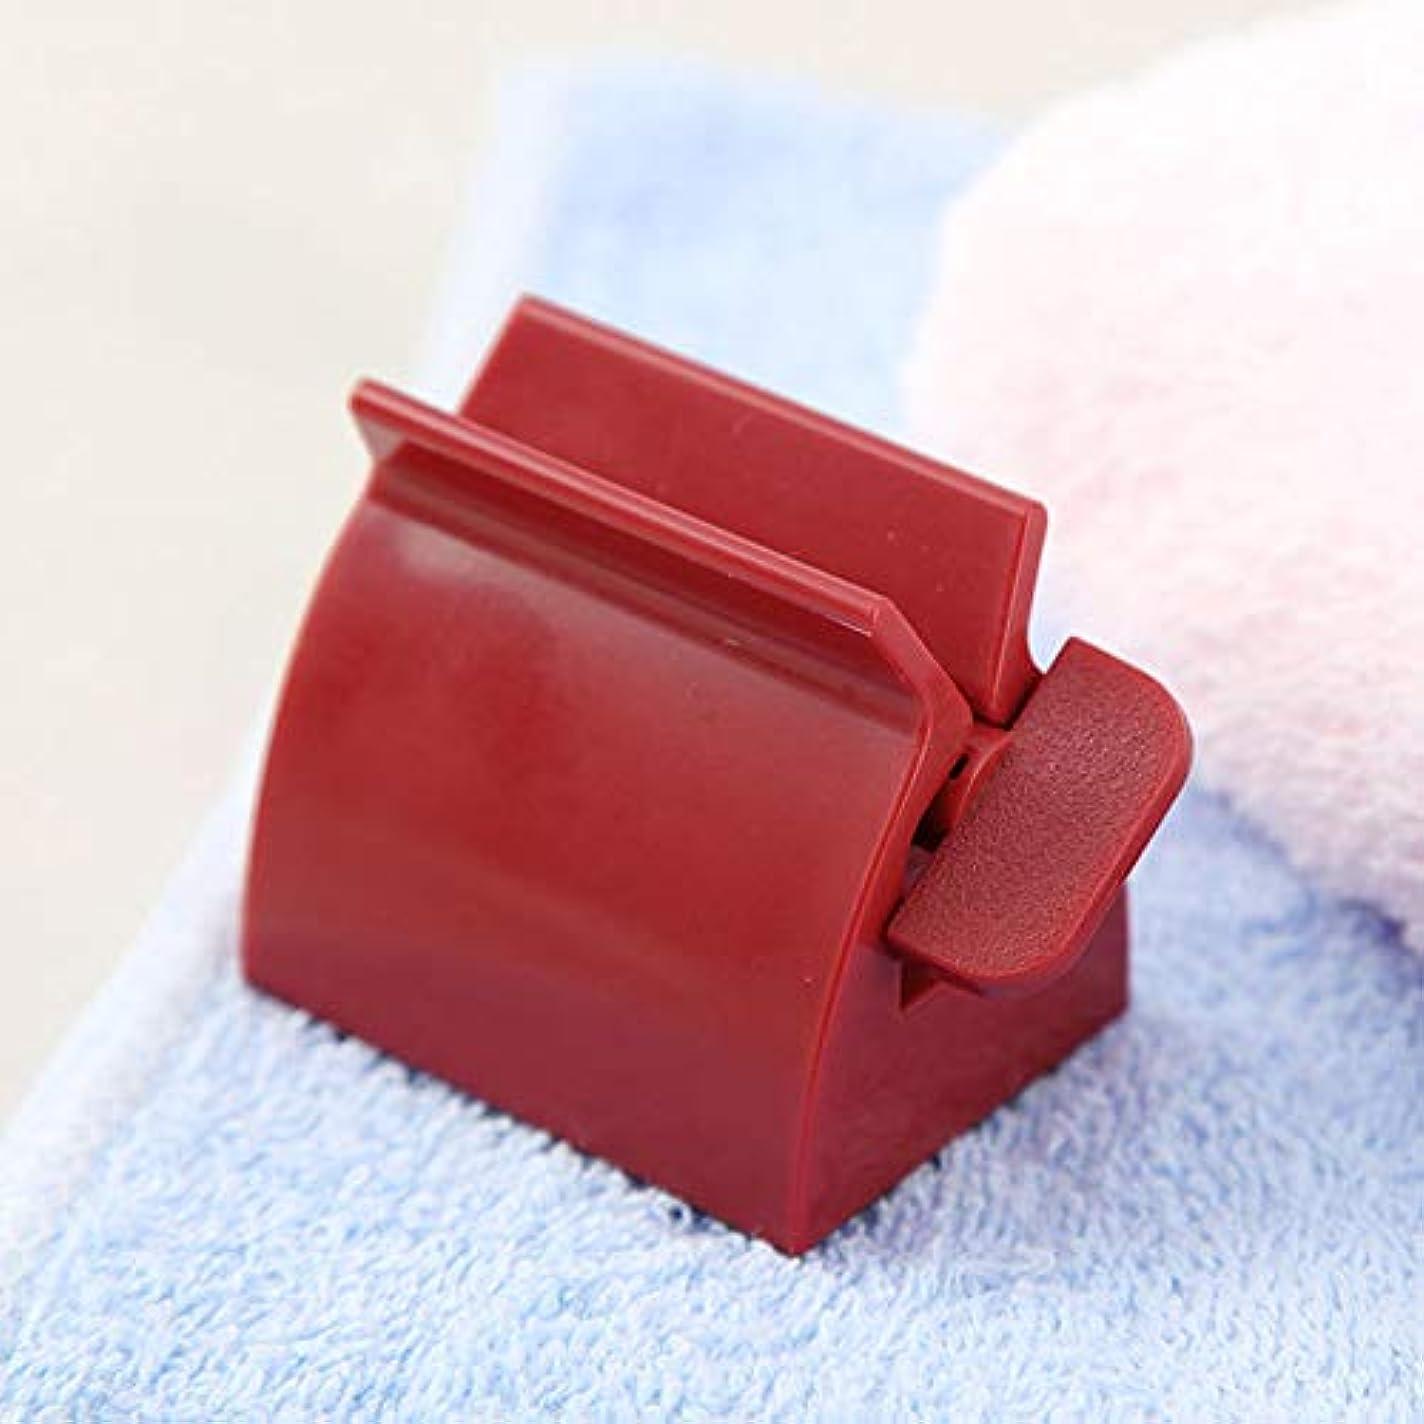 せっかちサイレントゴージャスSODAOA屋 手動歯磨き粉スクイーザ 歯磨き粉 ホルダー バスルーム洗顔料 化粧品 クリーム ハンドクリーム 節約 ローリングチューブスクイーザー便利 練り歯磨きスクイーザー 多機能 (レッド)